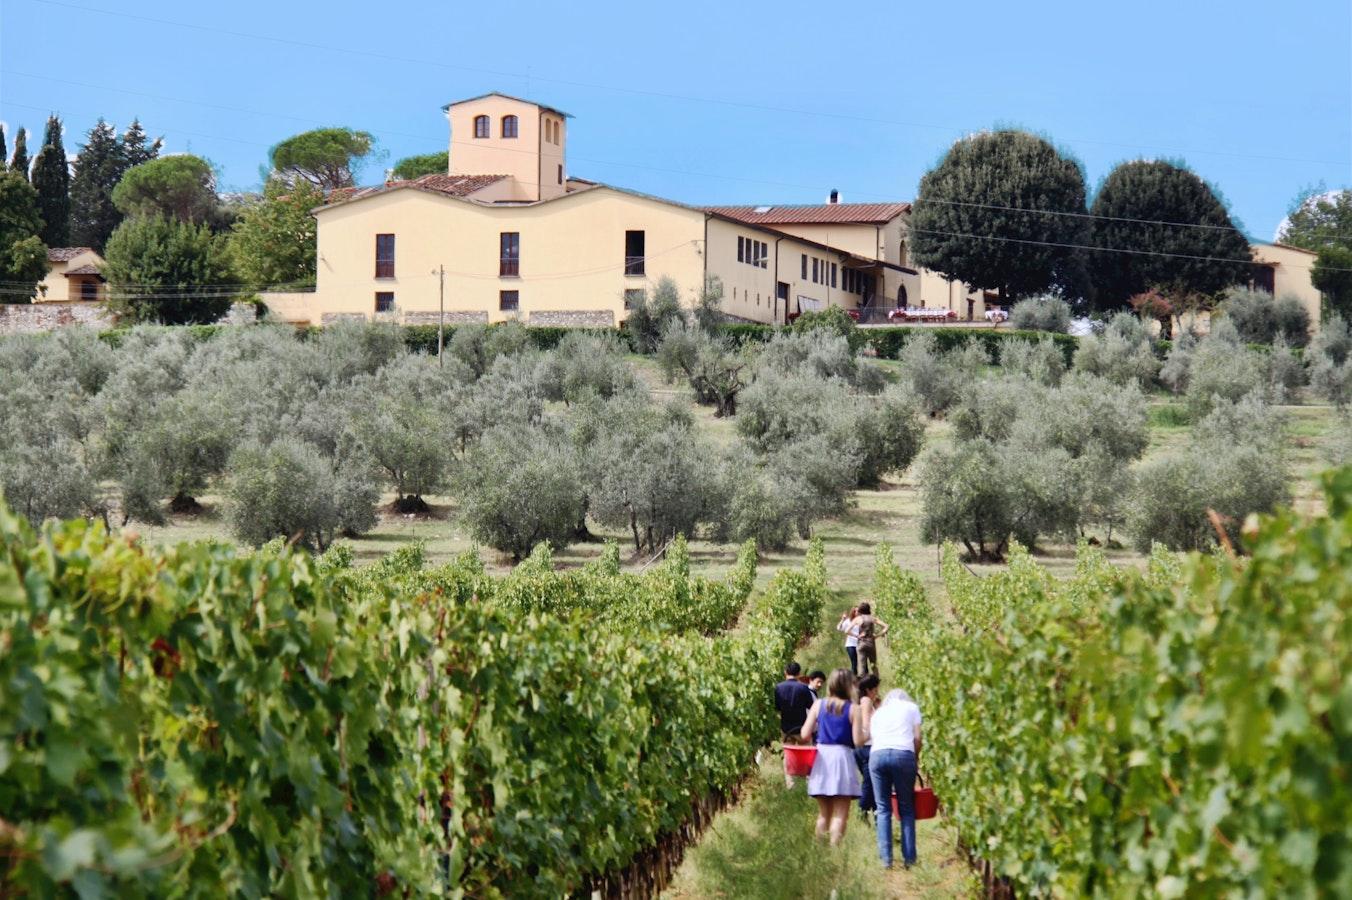 Fattoria pagnana appartamenti in azienda vinicola sui for Planimetrie storiche della fattoria